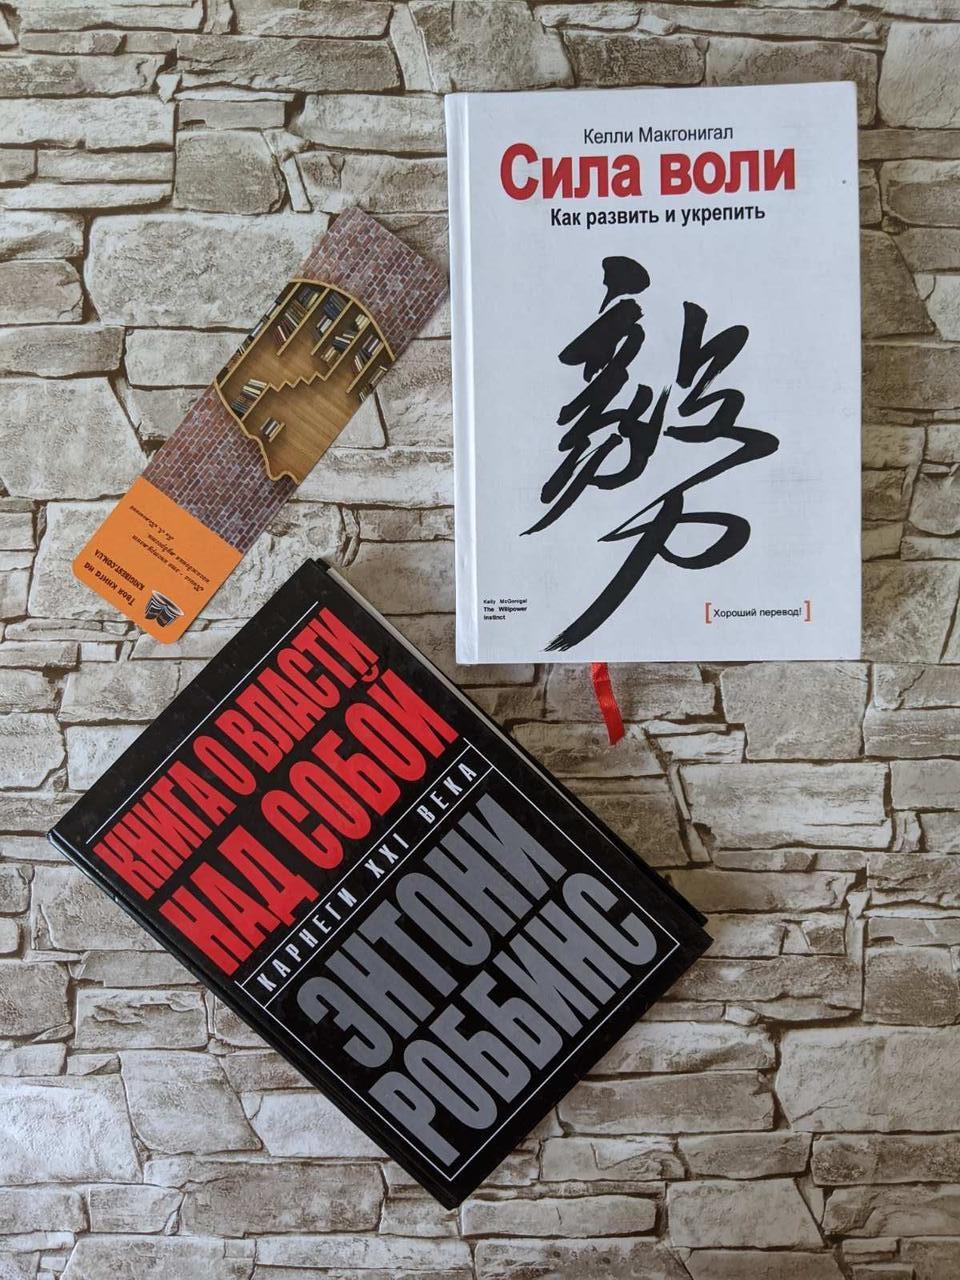 """Набор книг """"Сила воли. Как развить и укрепить"""" Келли Макгонигал, """"Книга о власти над собой"""" Энтони Роббинс"""